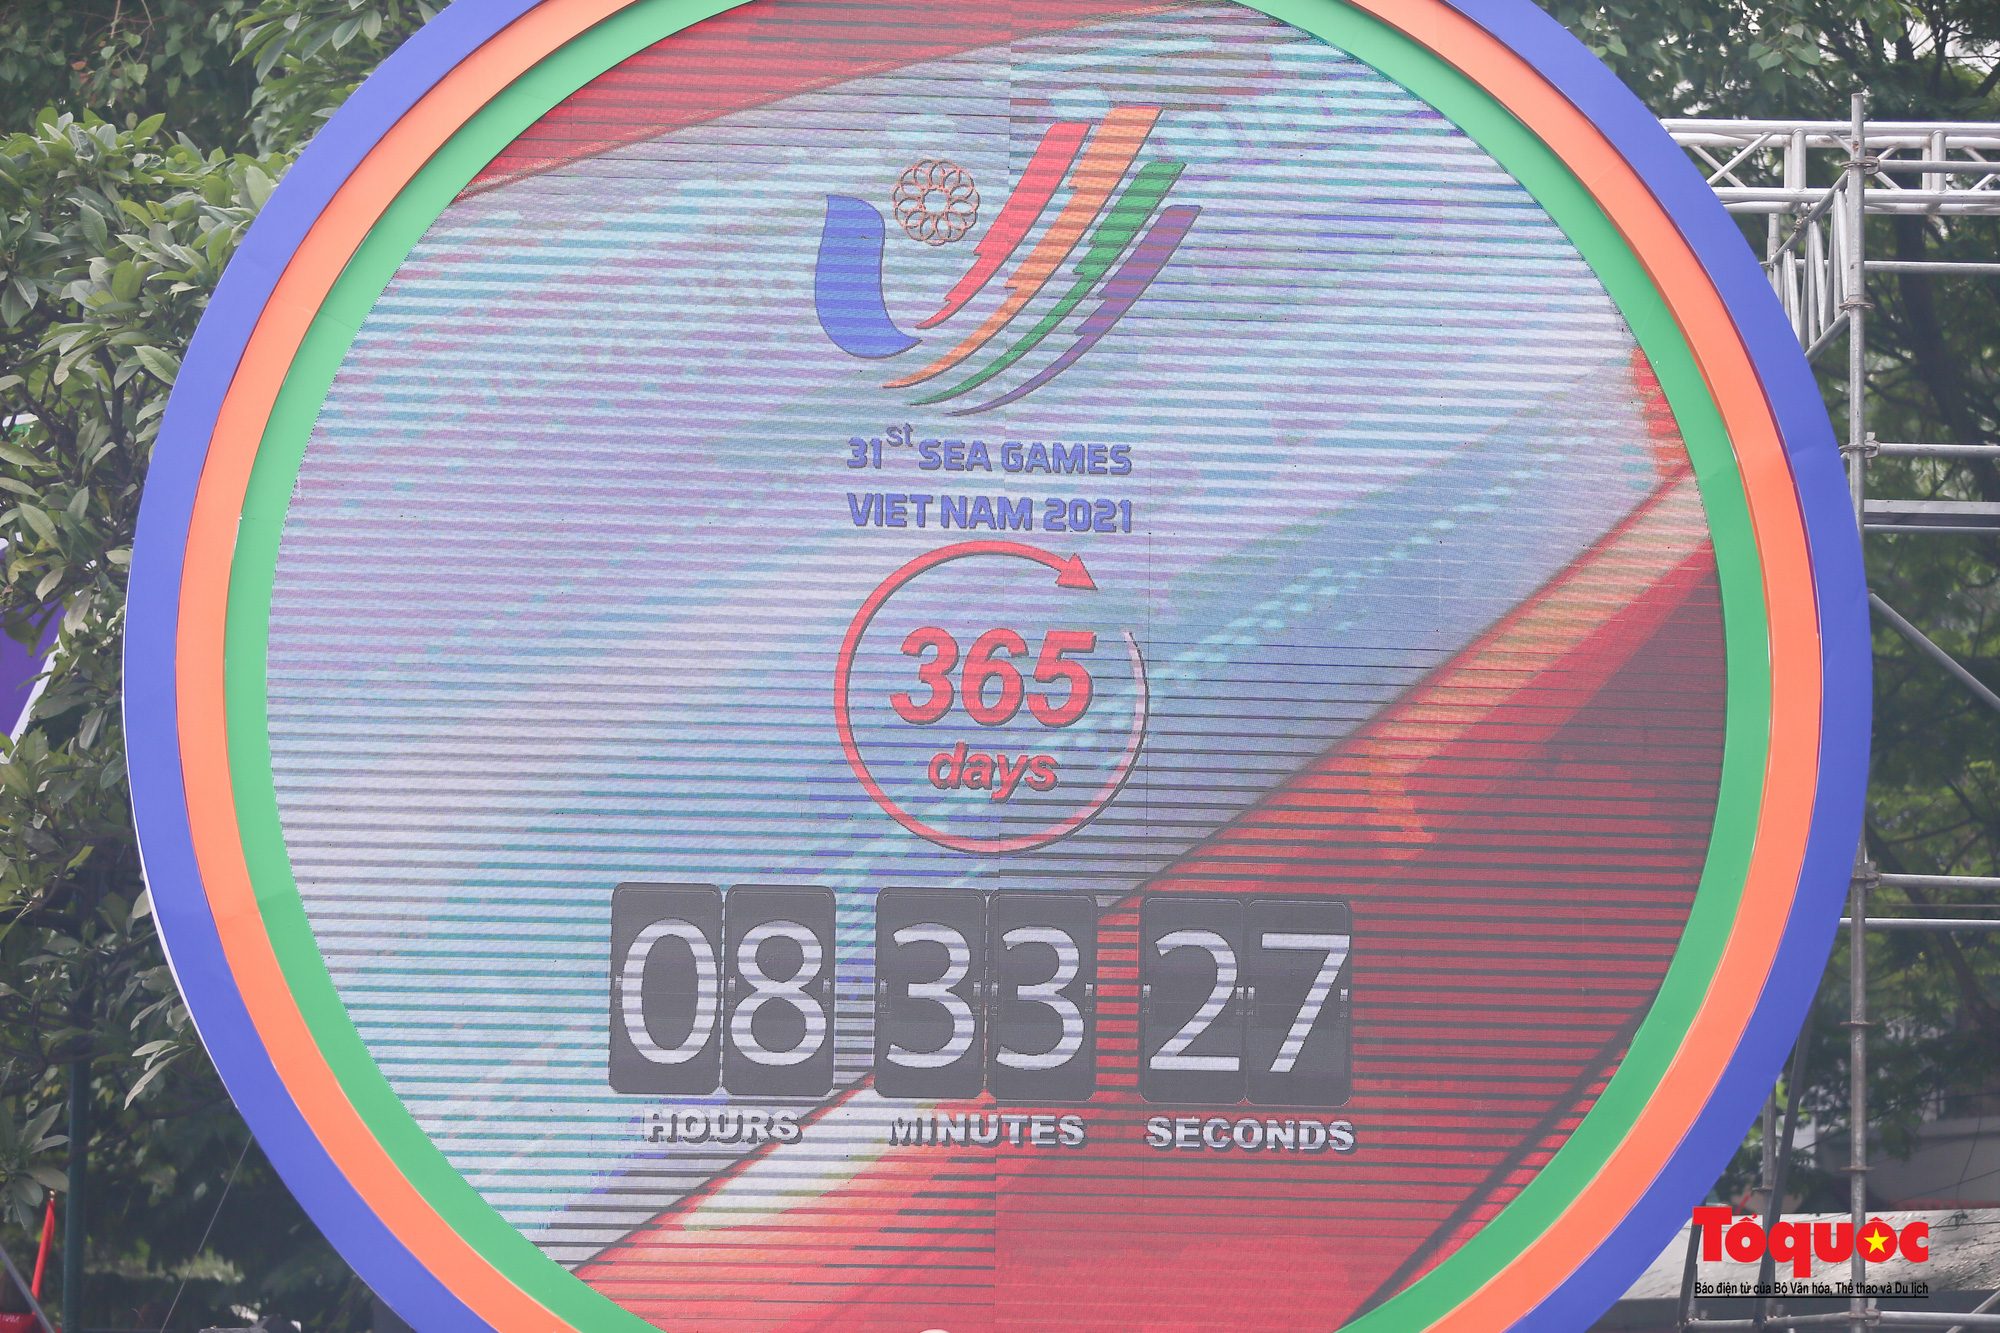 Khởi động cùng SEA Games 31 - Việt Nam sẵn sàng cho Đại hội thể thao lớn nhất Đông Nam Á  - Ảnh 5.